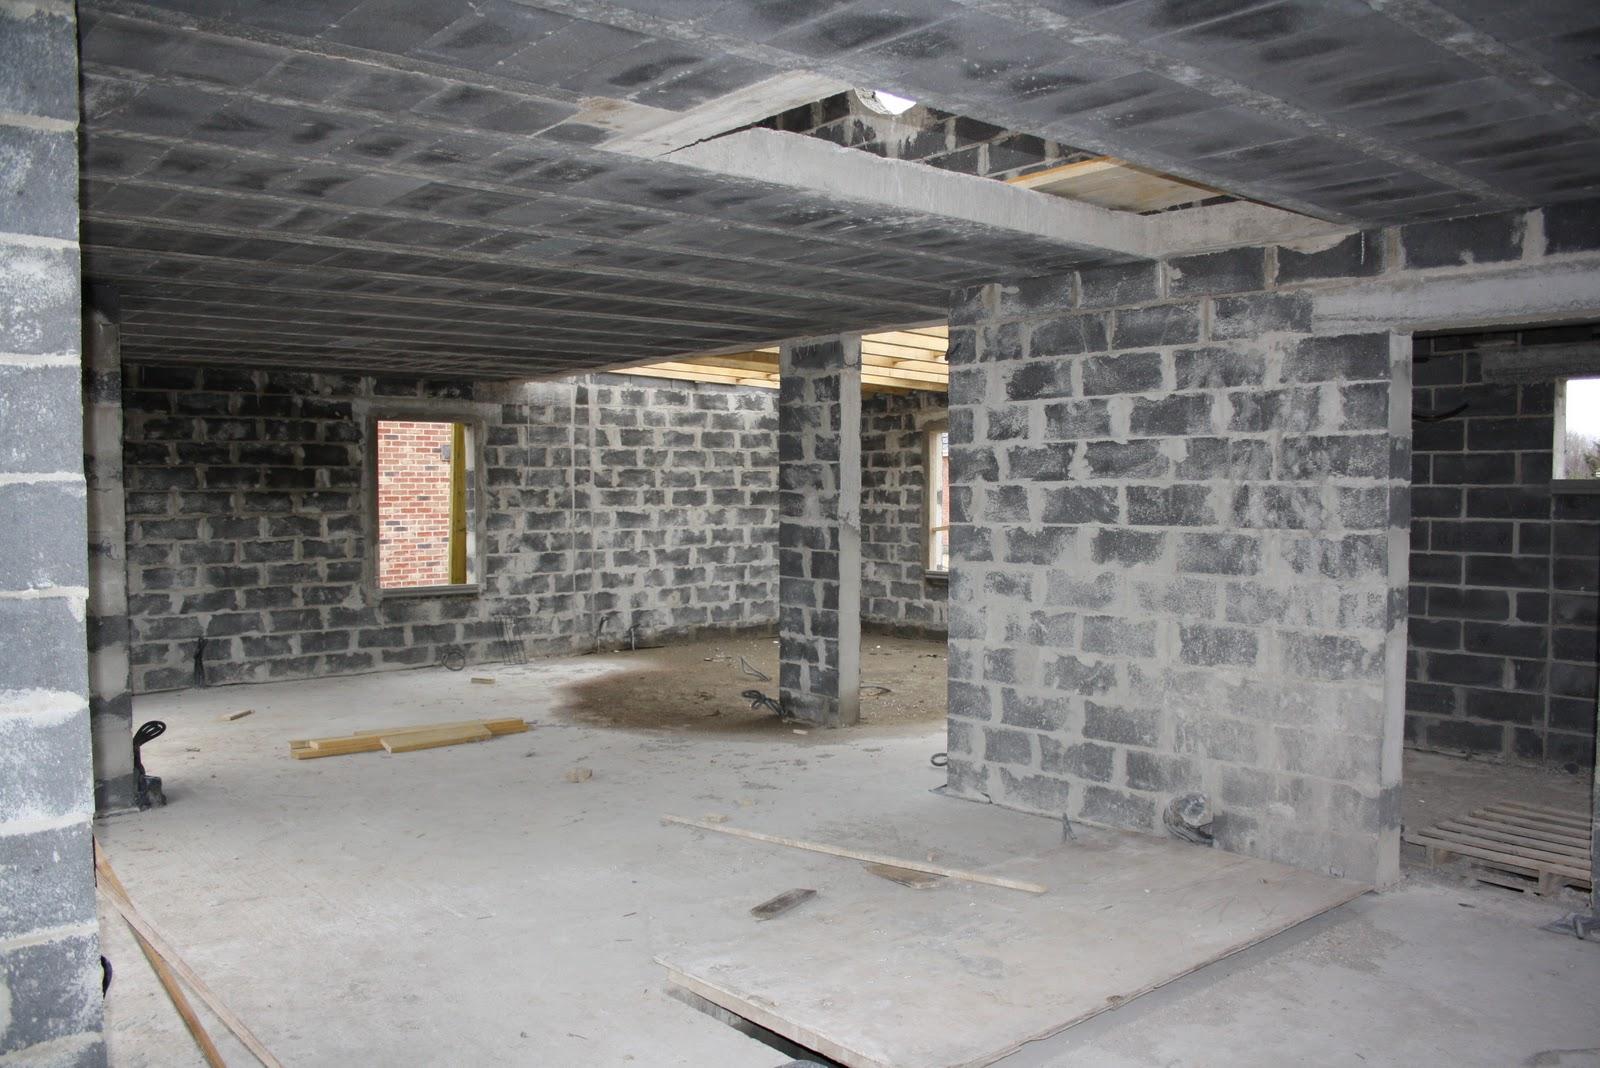 Maison cubique photos de l 39 interieur for Interieur maison cubique